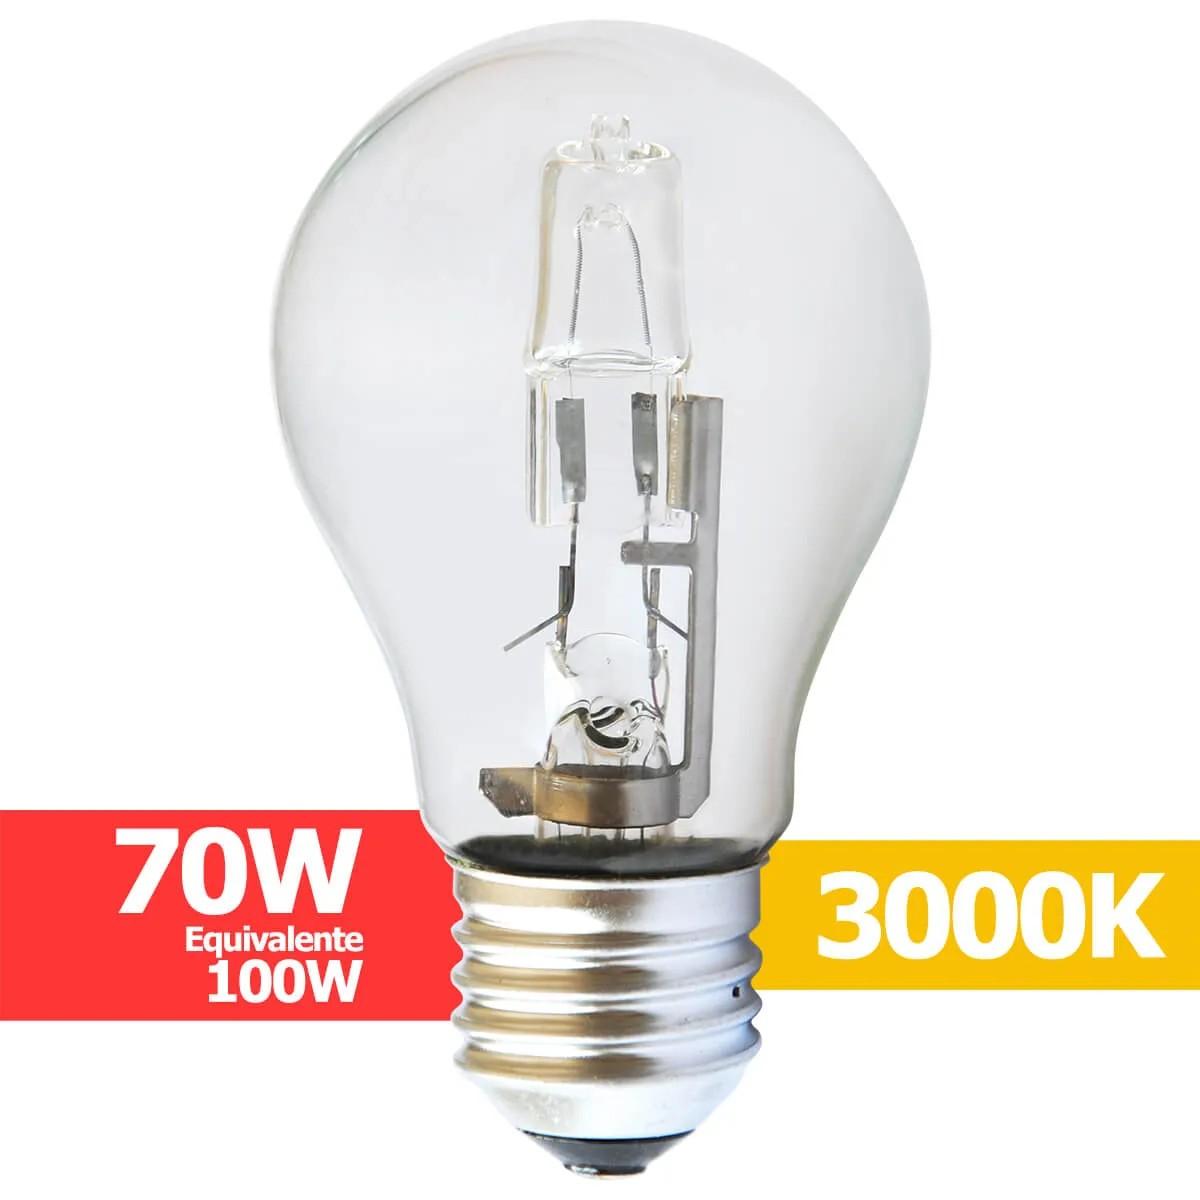 Lâmpada Halôgena 70W Bulbo E27 3000K 220V - FLC